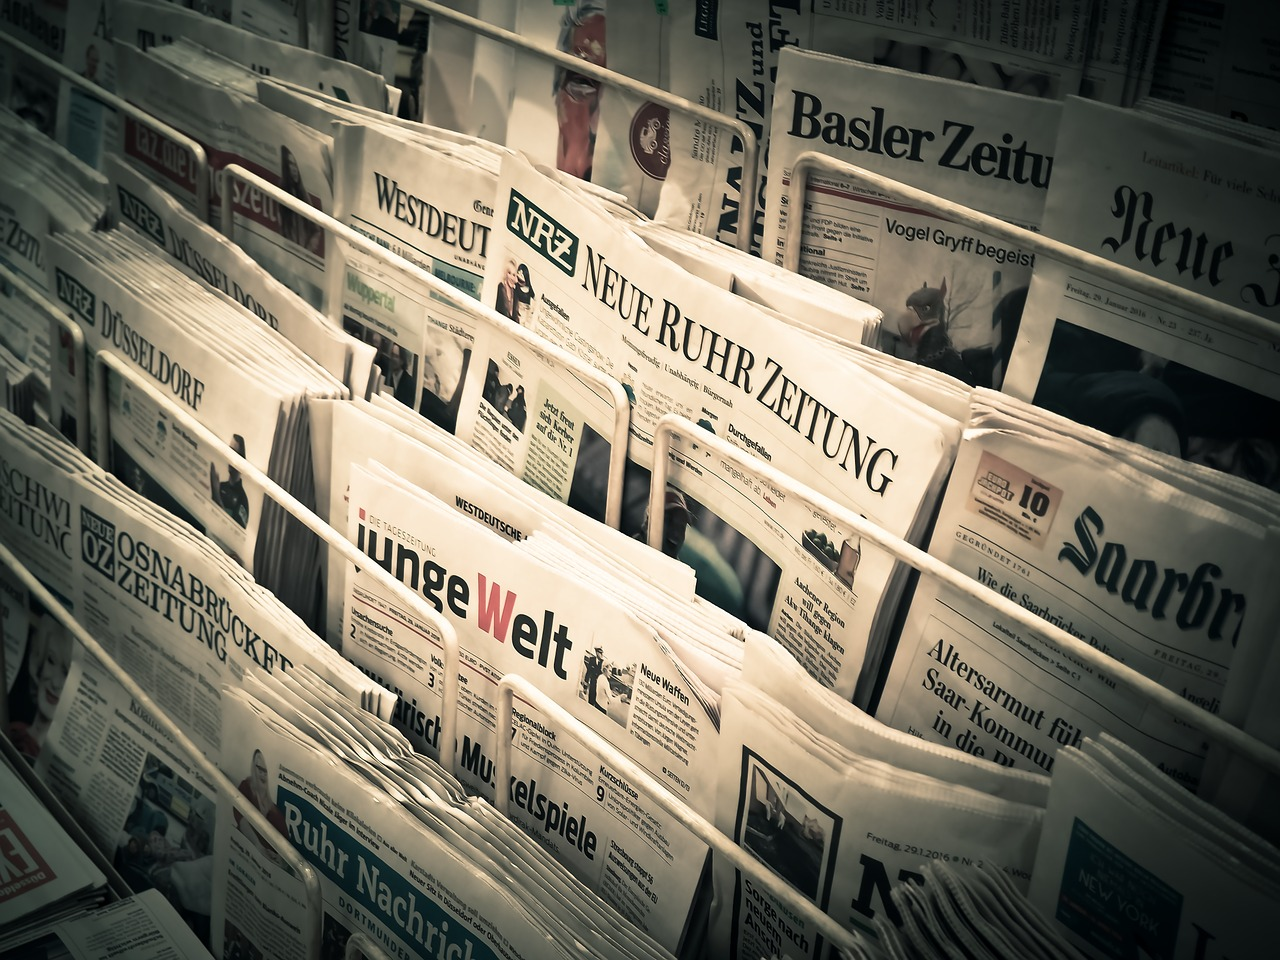 Periodicos con noticias subjetivas